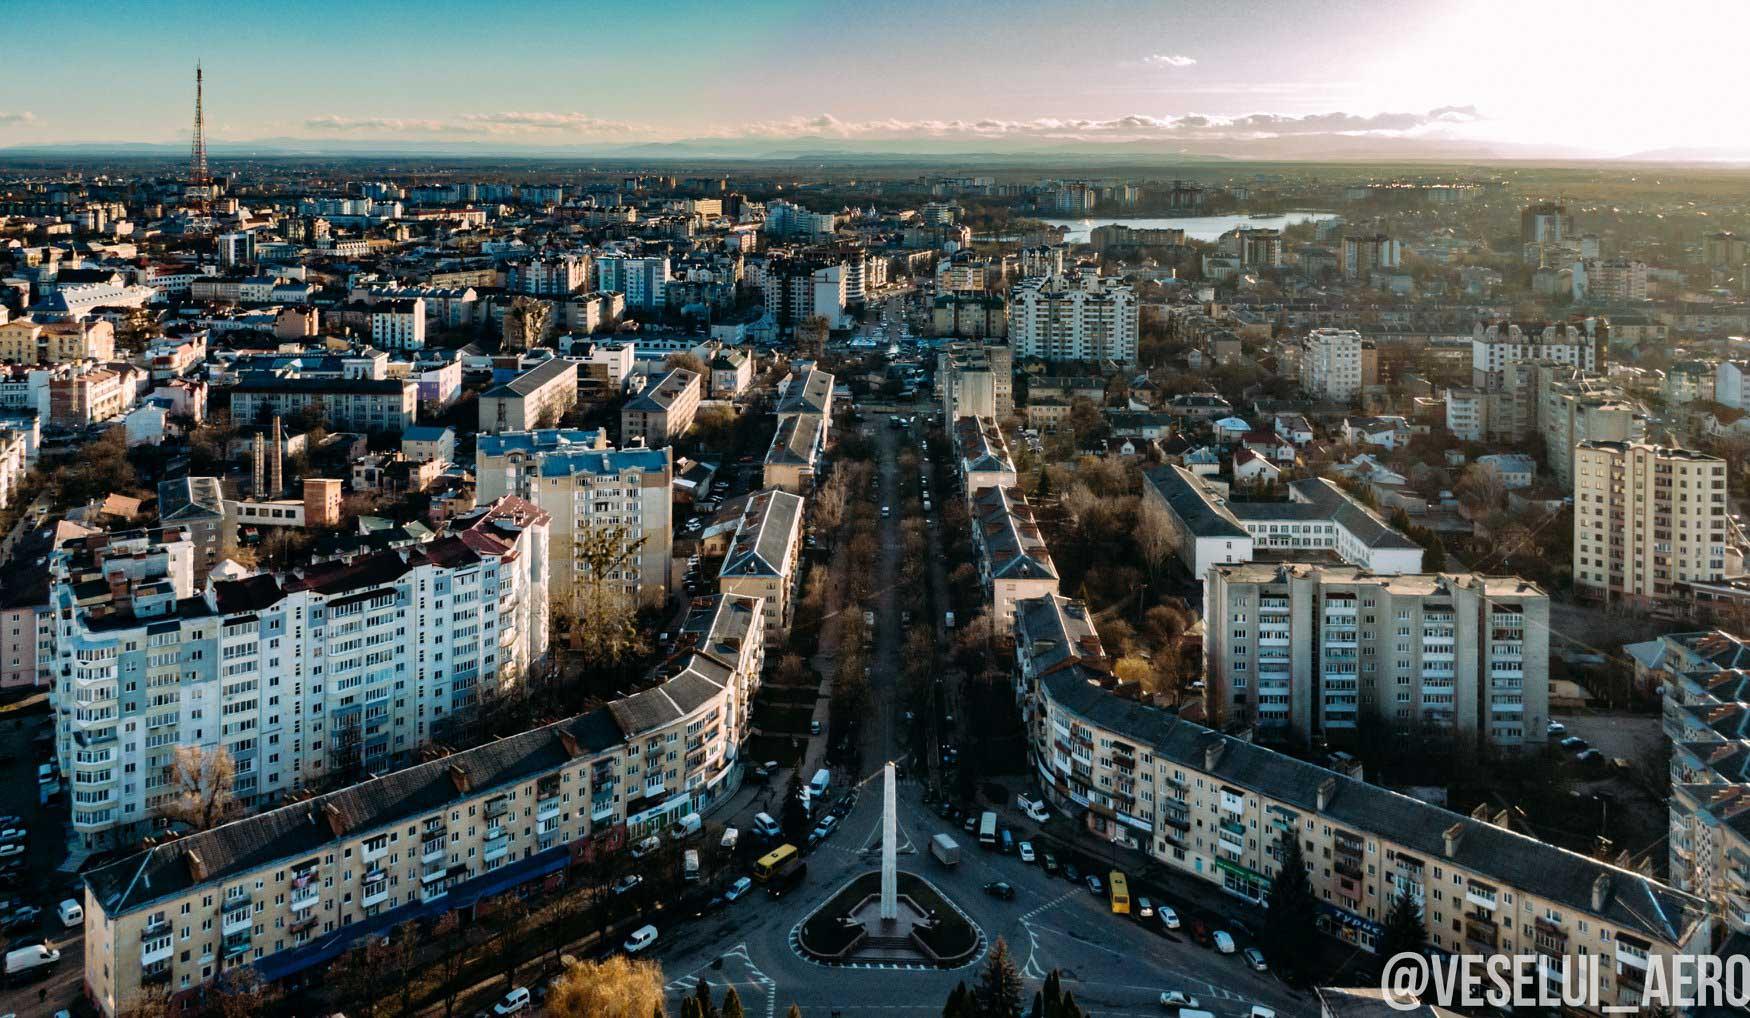 Ще не з'єднані. Фотограф показав Північний і Південний бульвари з неба (ФОТО)